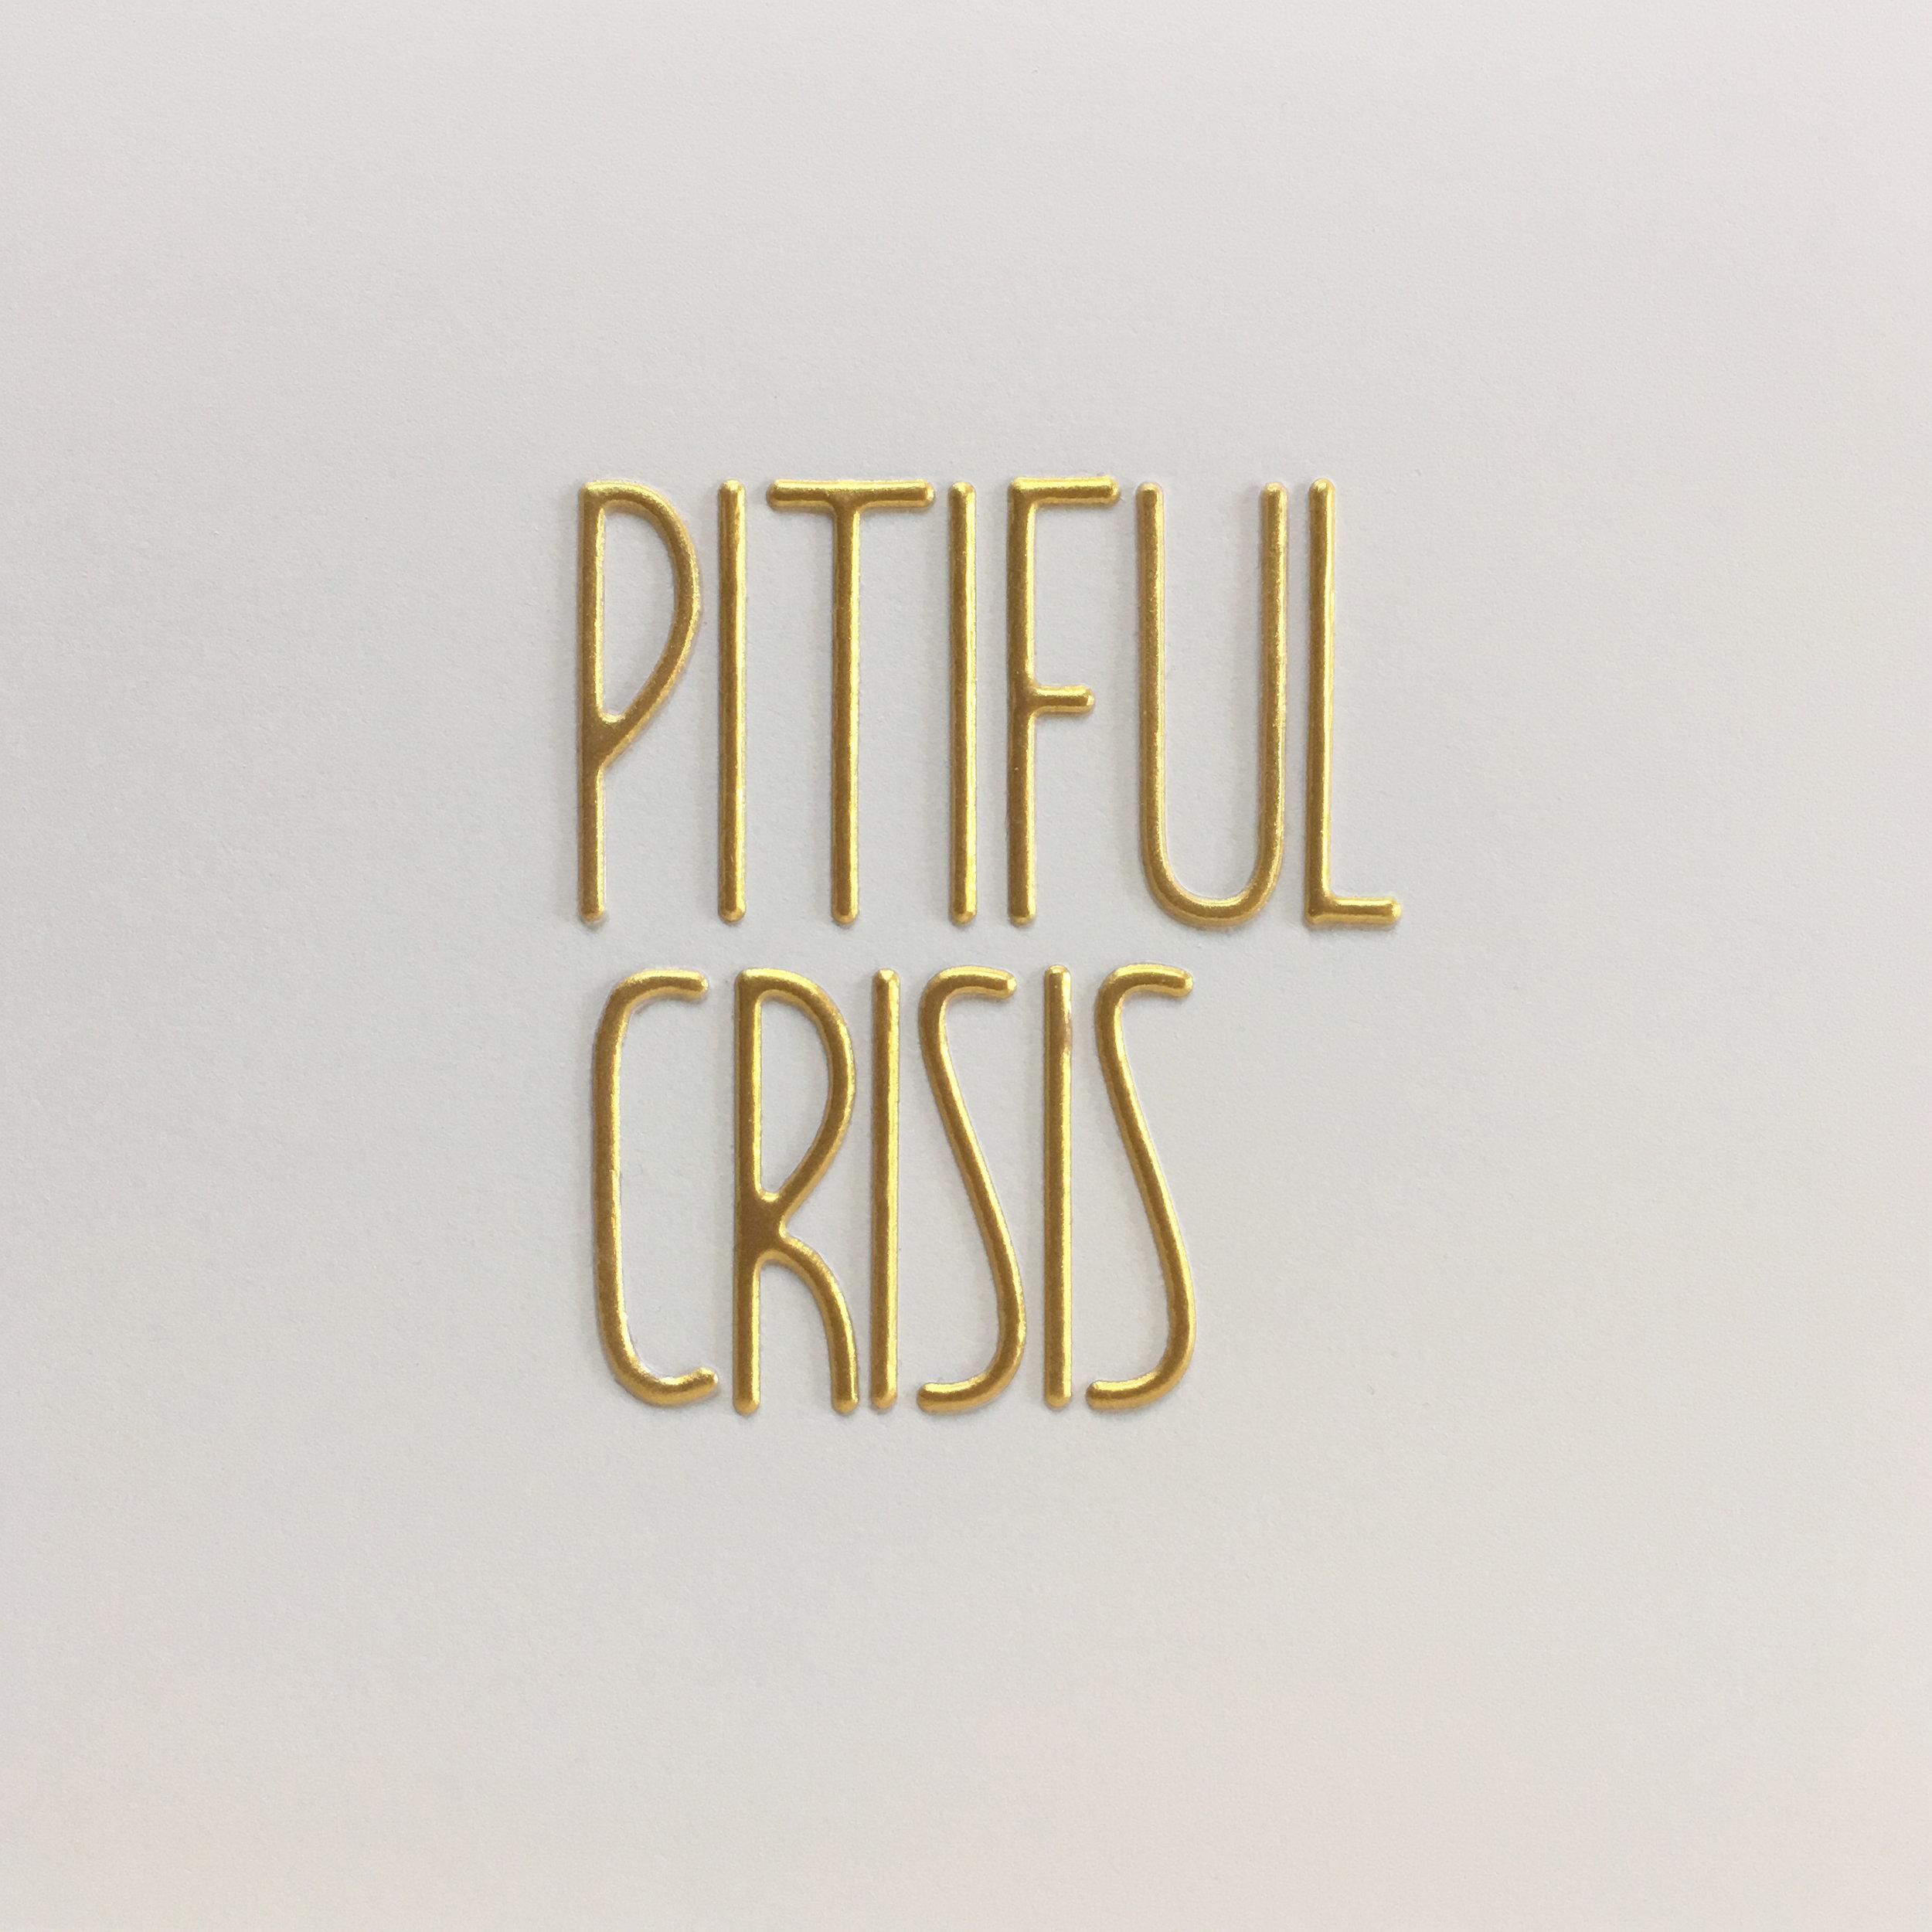 pitiful crisi.jpg